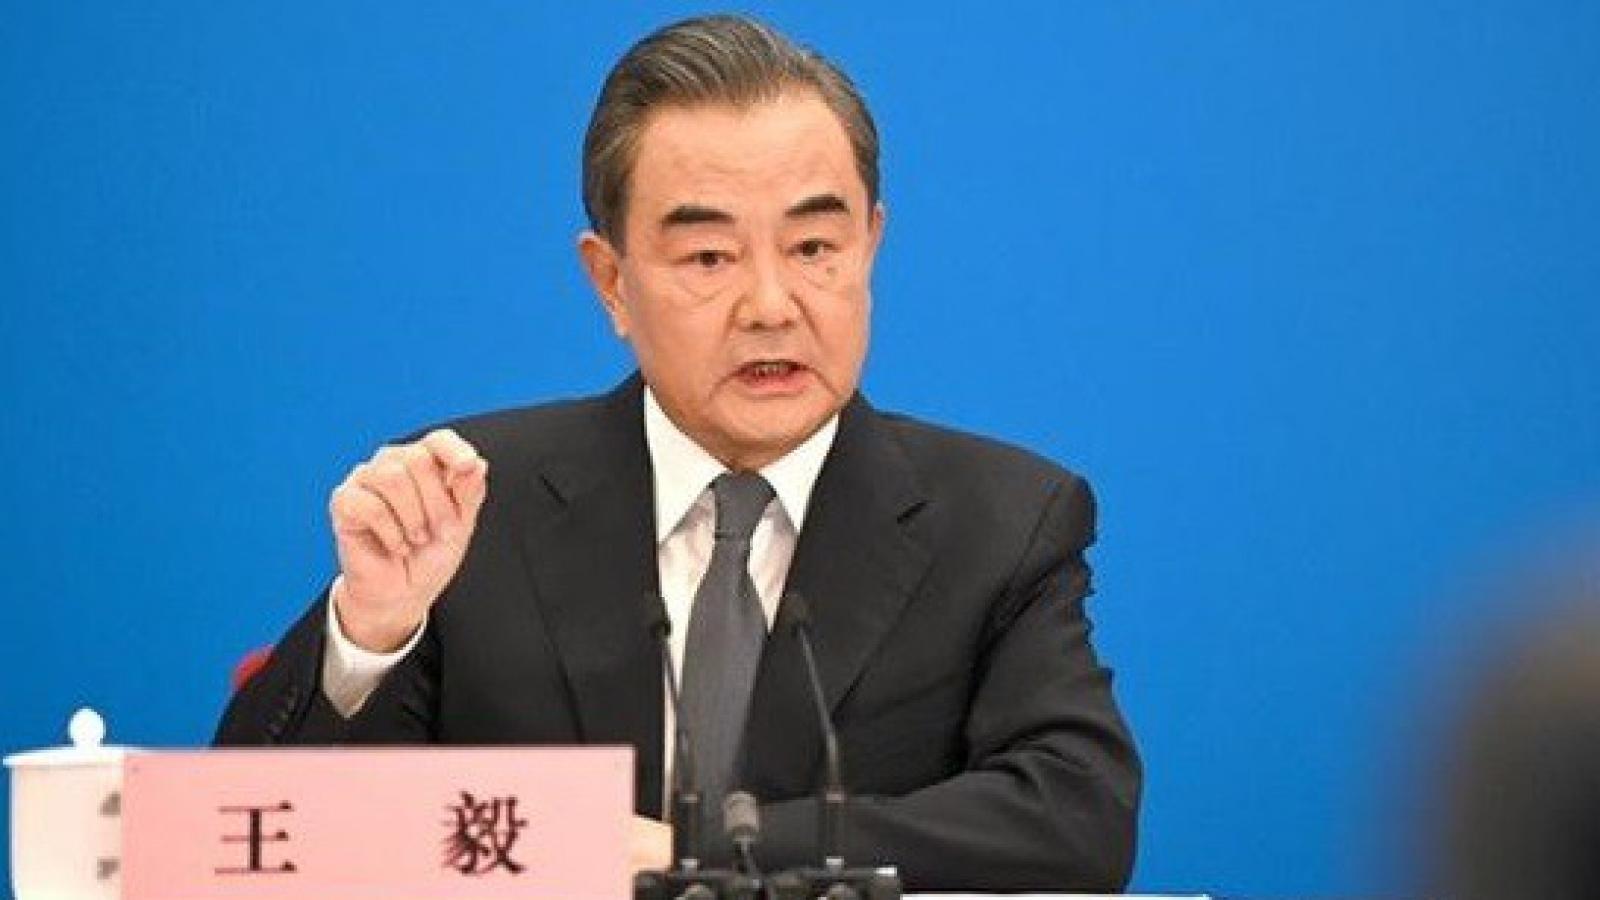 Ngoại trưởng Vương Nghị: Mỹ không thể cản bước Trung Quốc